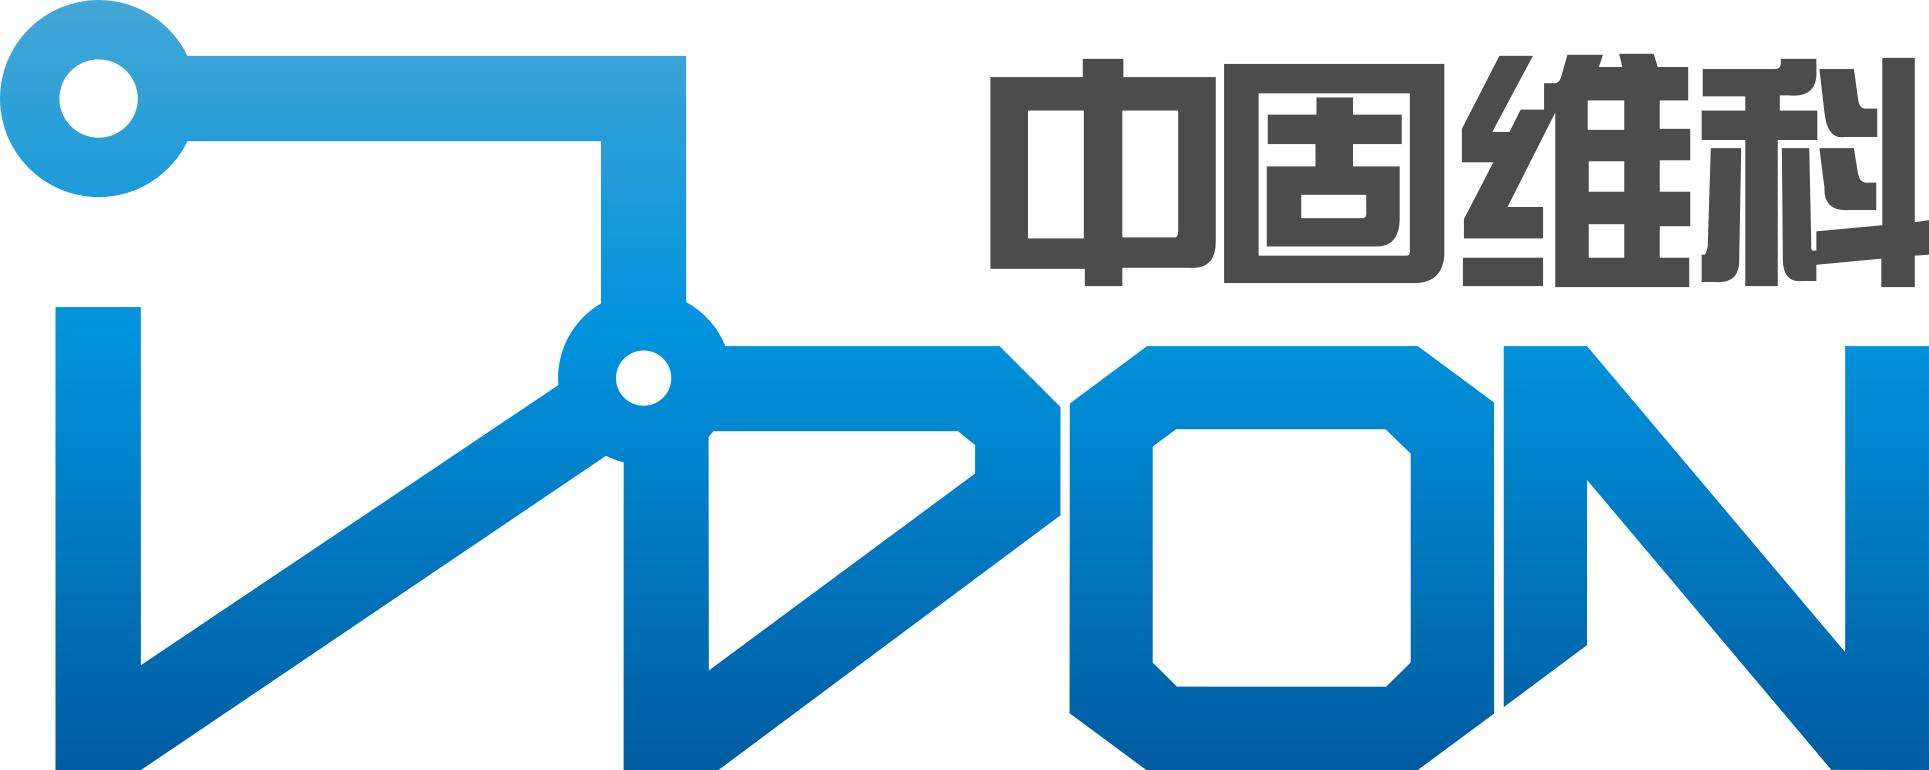 亚虎娱乐官网pt_亚虎国际娱乐官网登录_pt亚虎下载